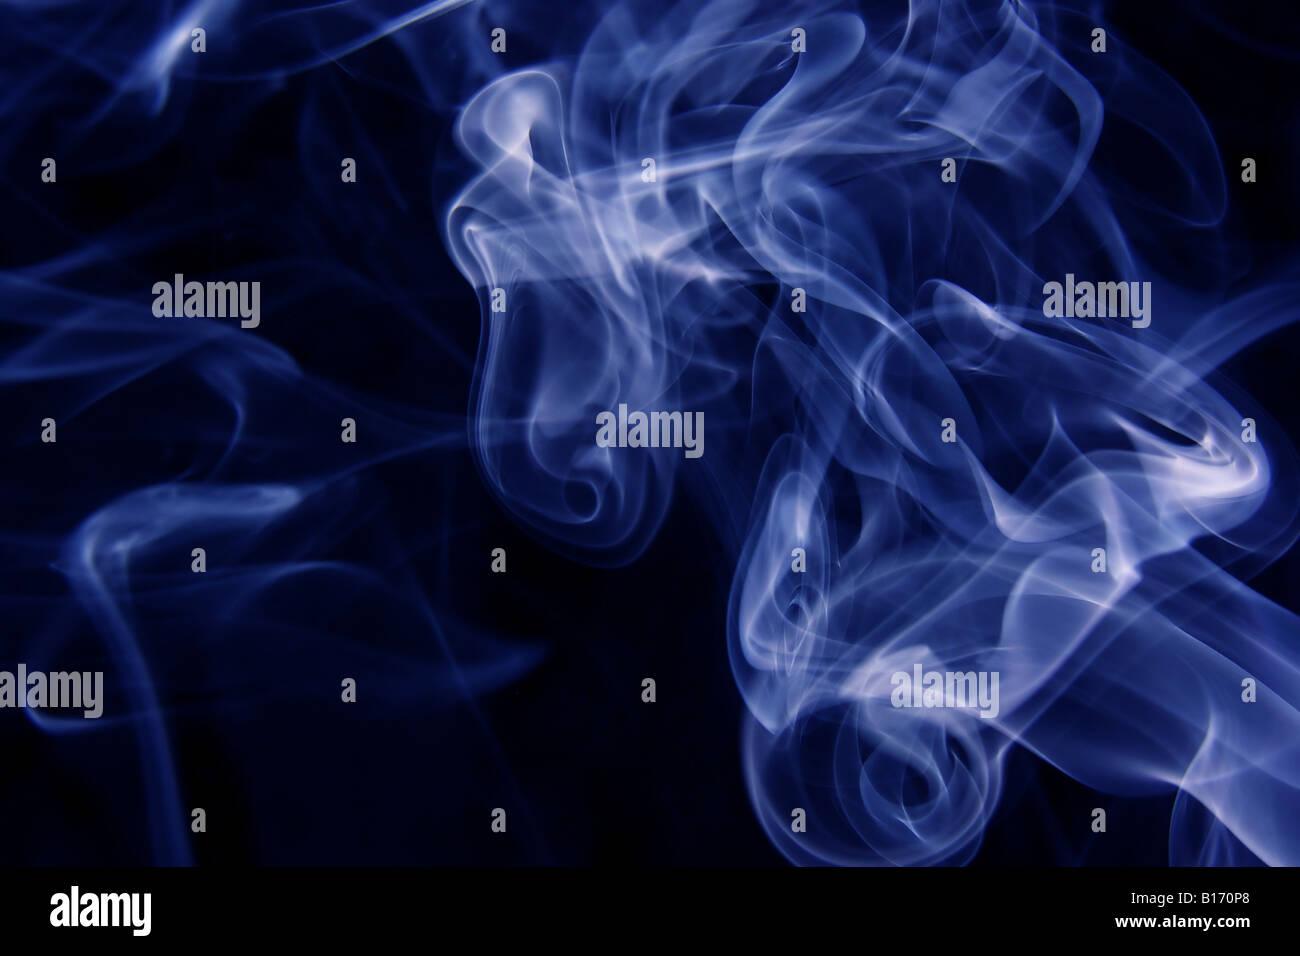 Arrière-plan de fumée tourbillonnant Photo Stock